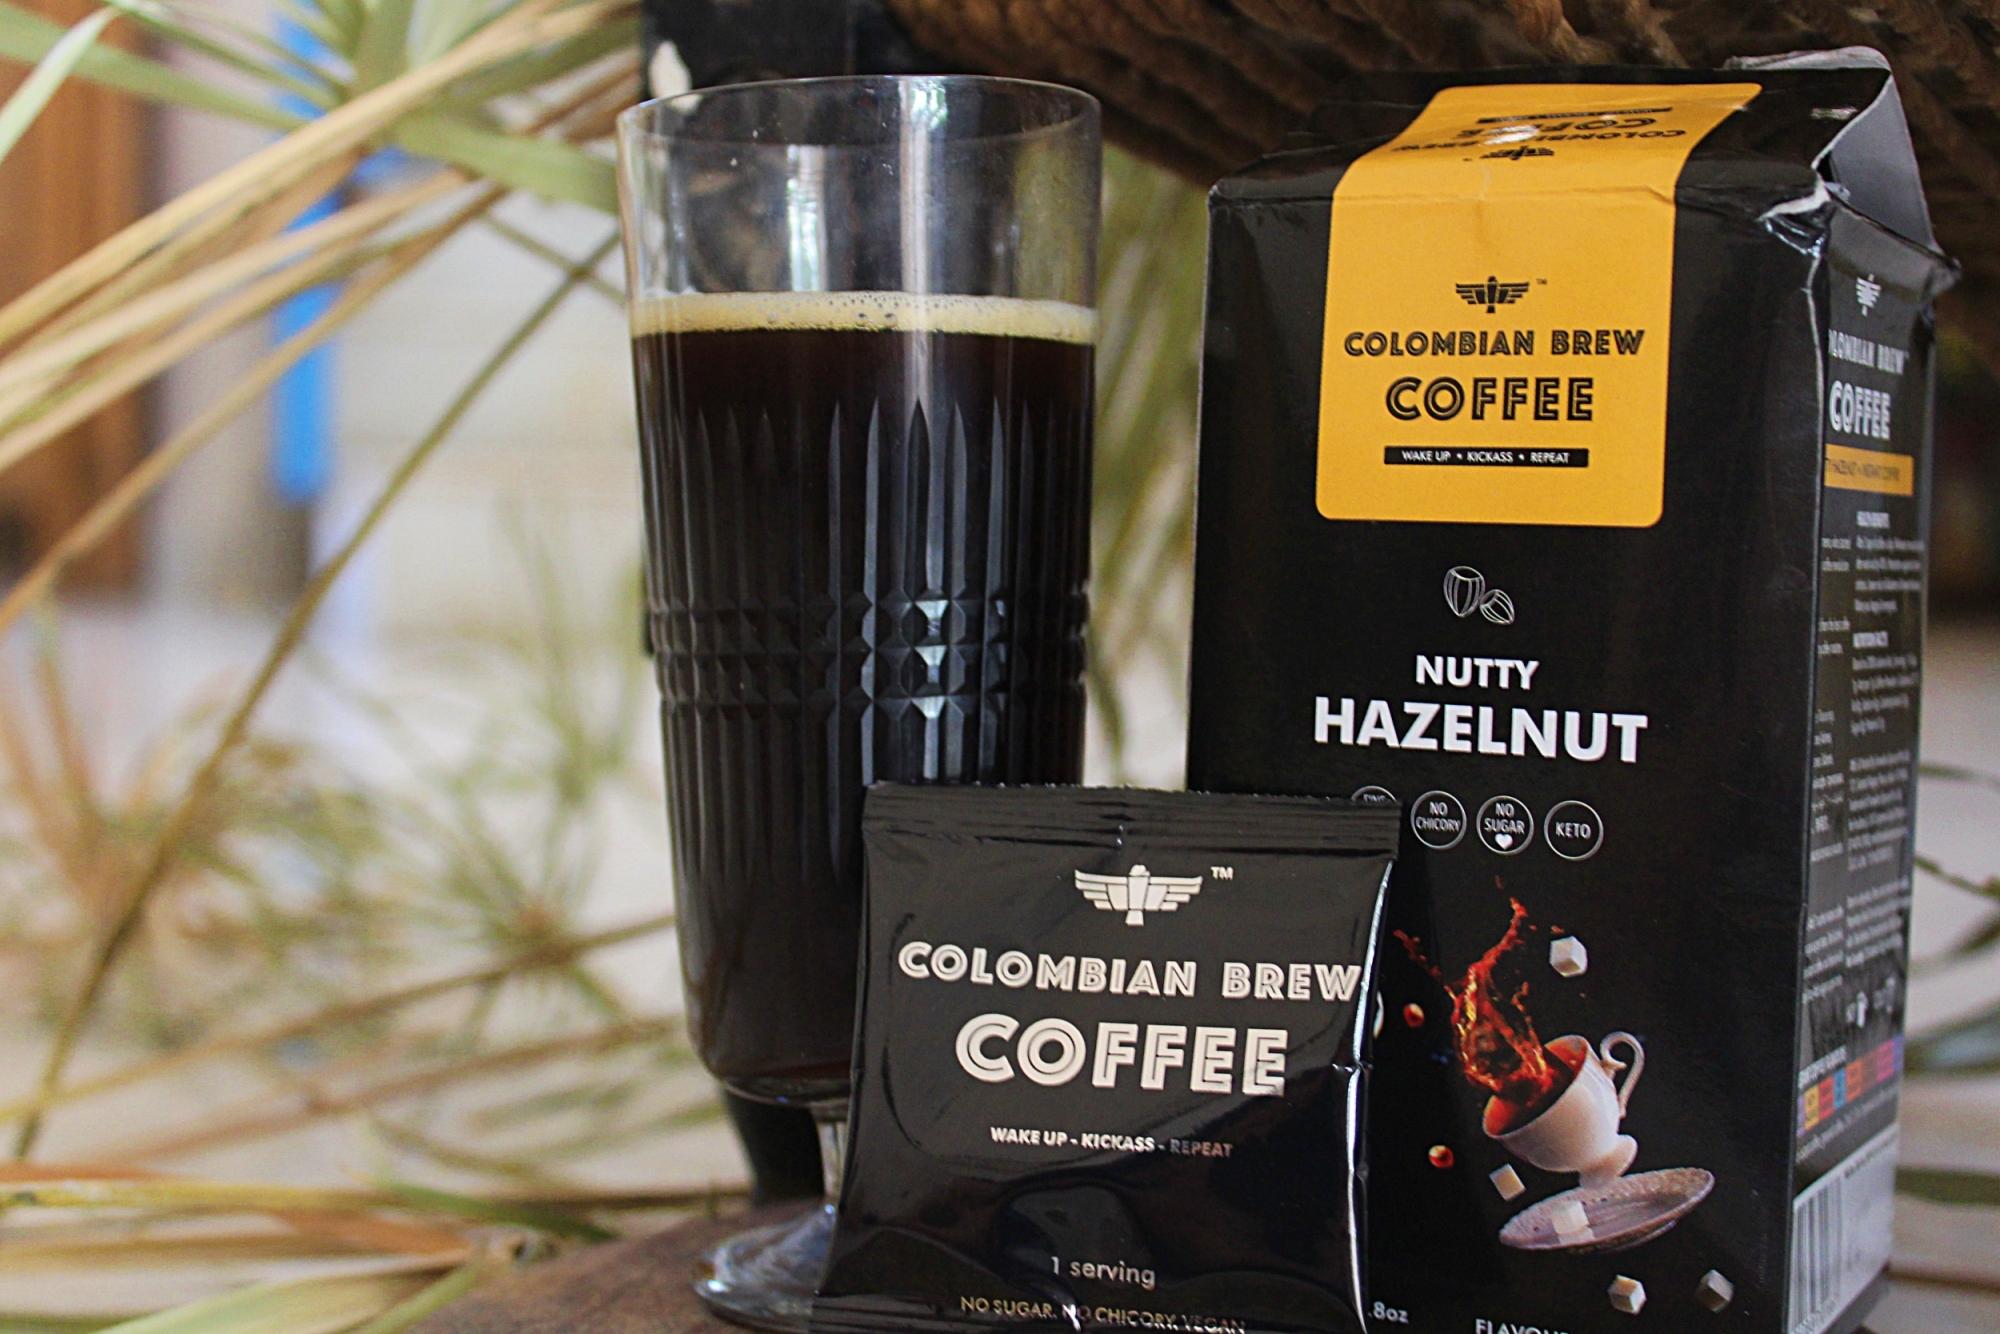 Colombian Brew Nutty Hazelnut Coffee